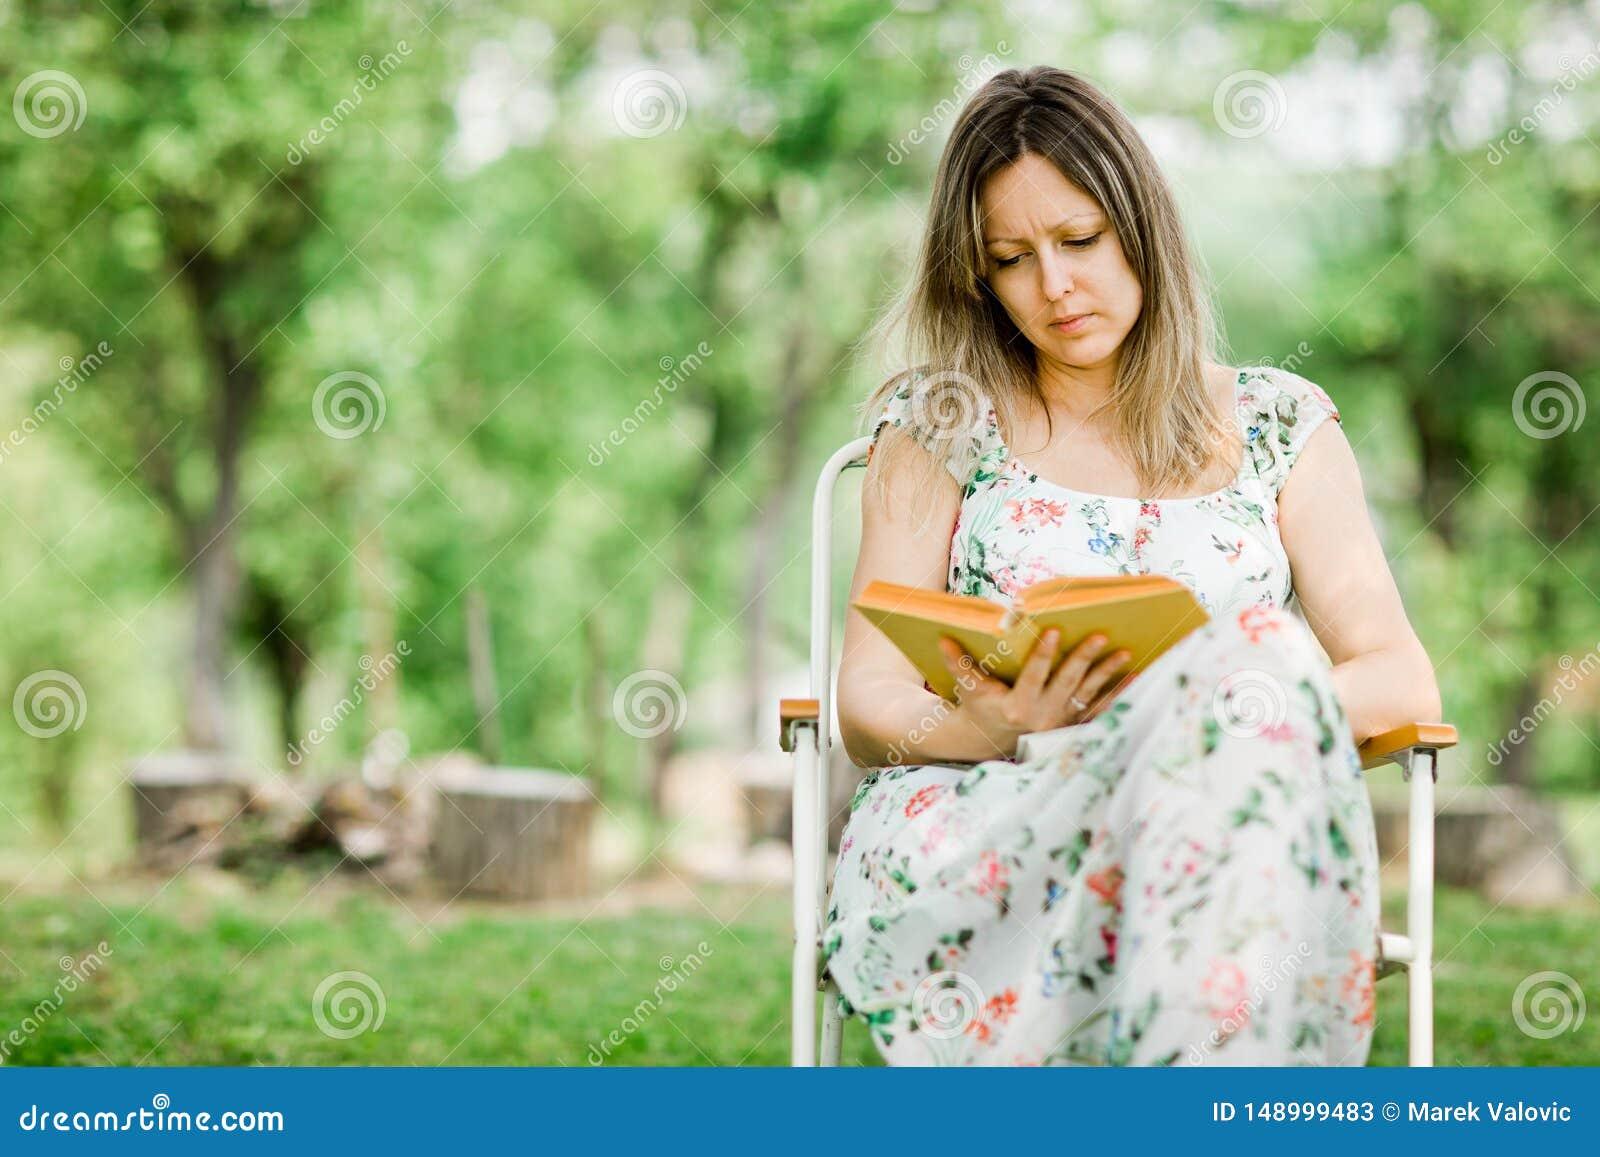 年轻女人是看书室外在庭院里